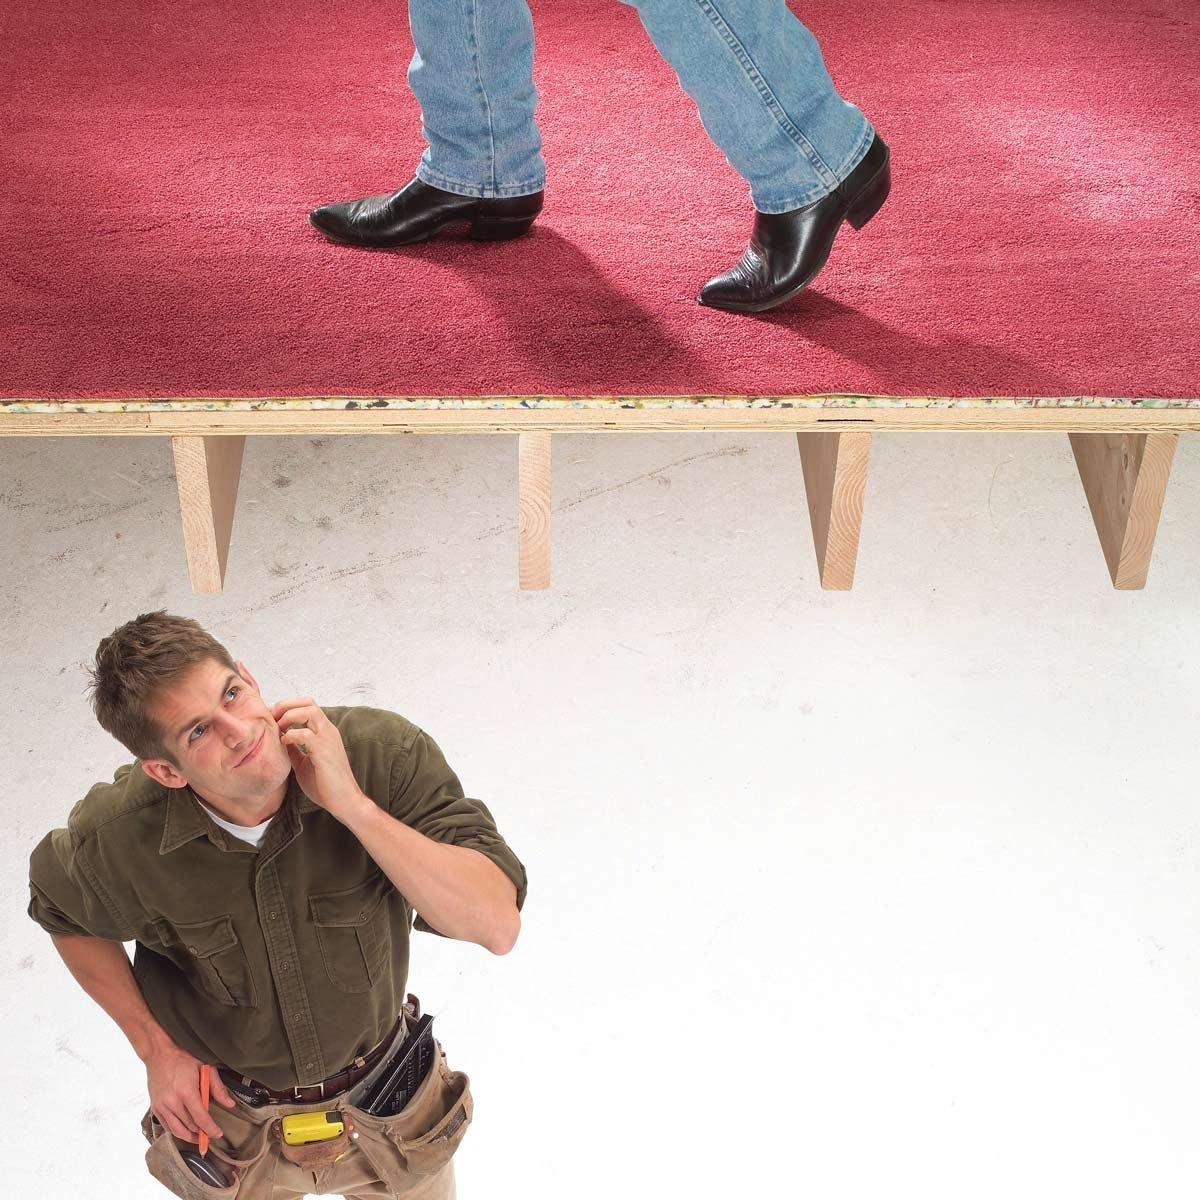 Fix squeaky floors